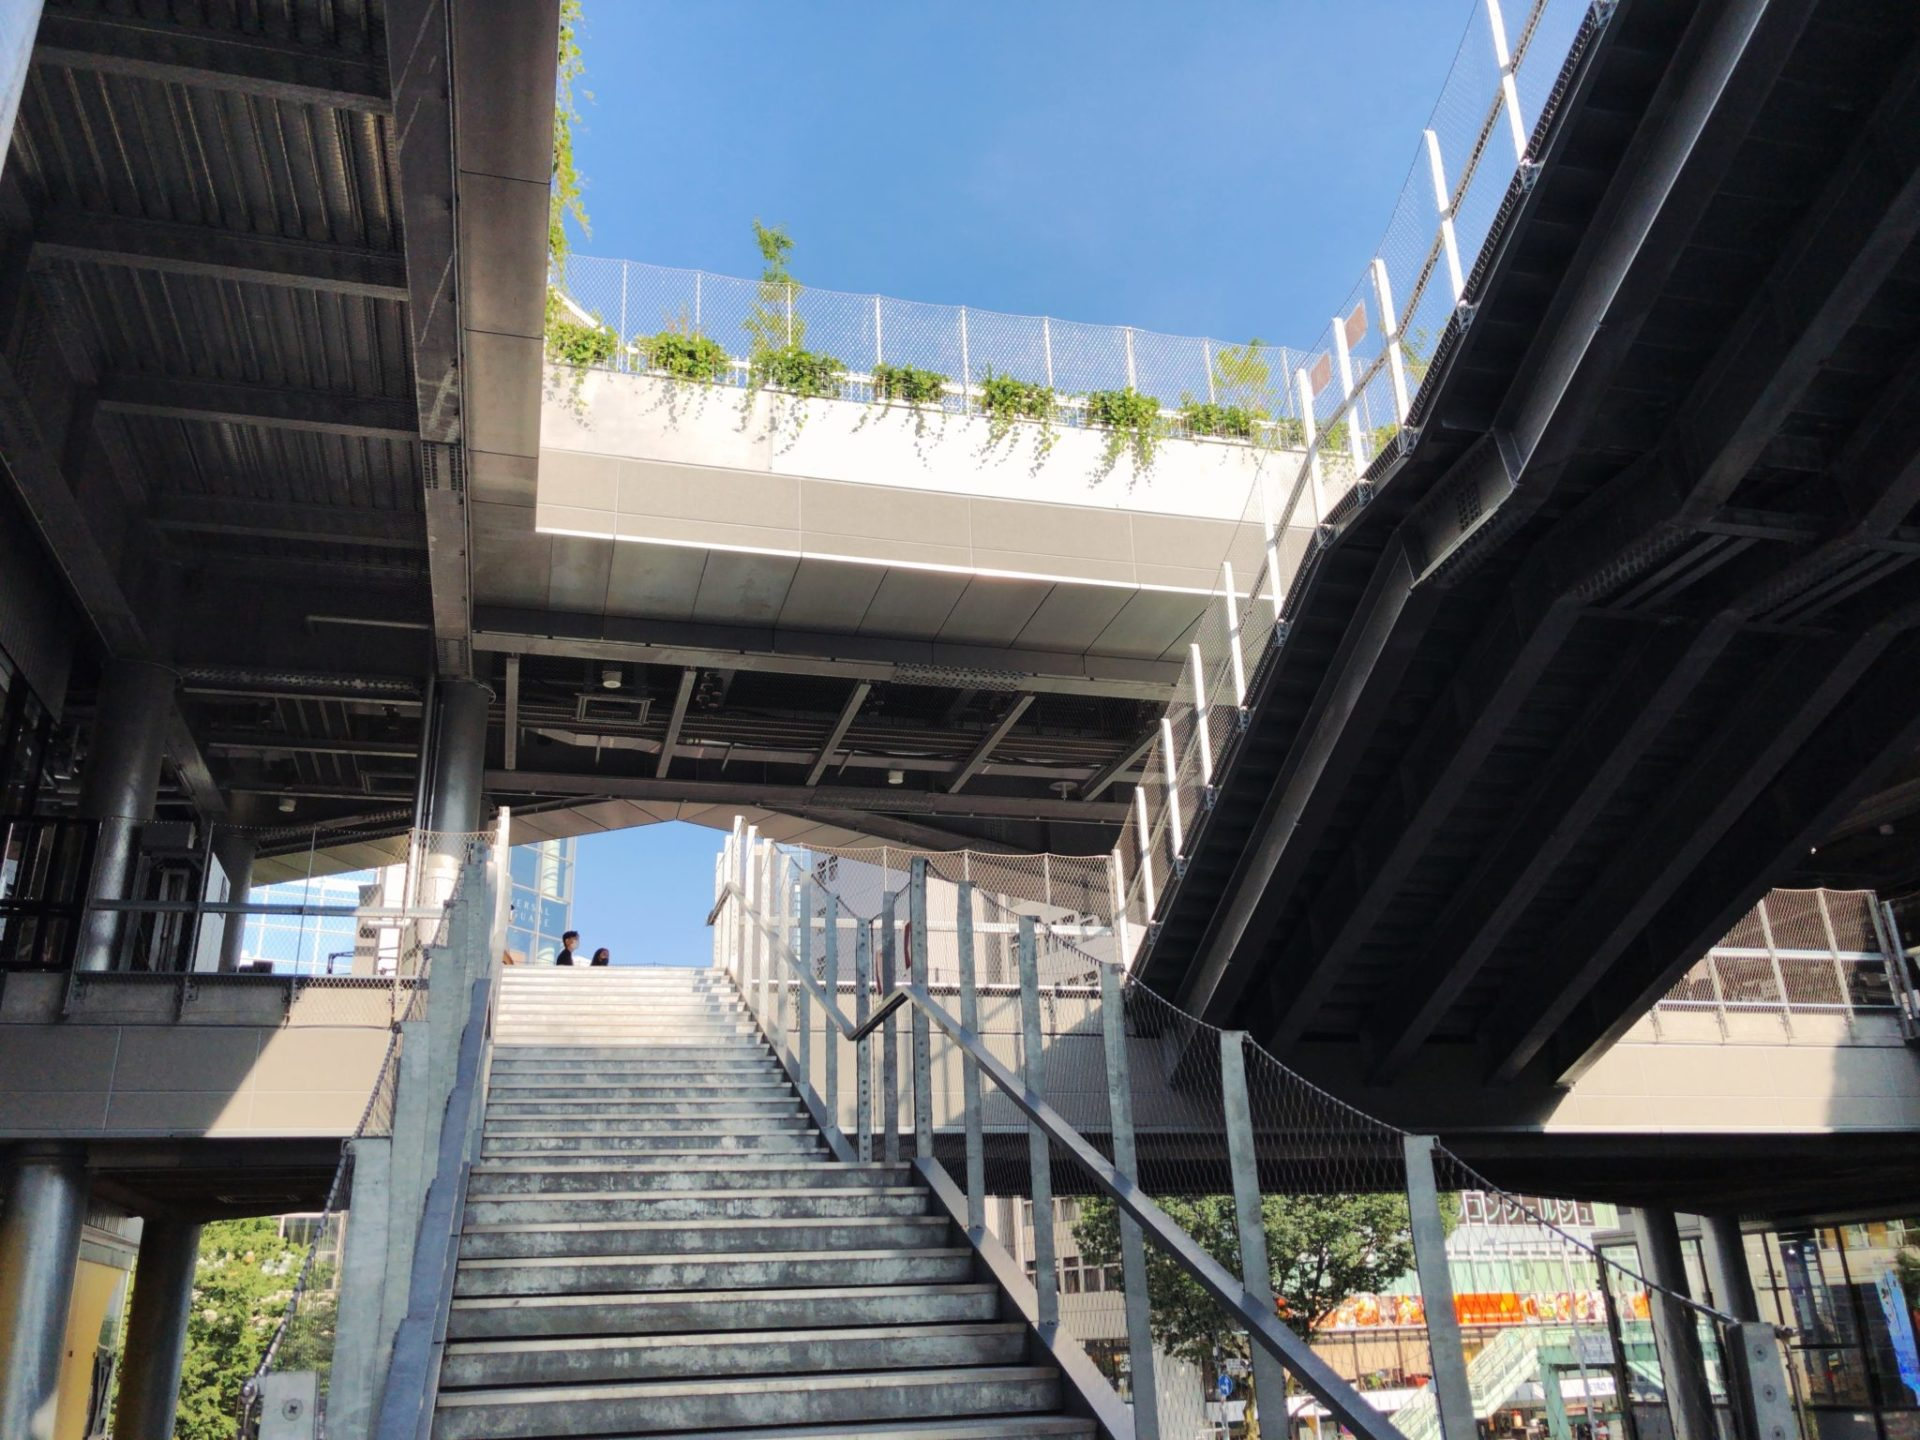 スターバックスコーヒー MIYASHITA PARK店に続く階段